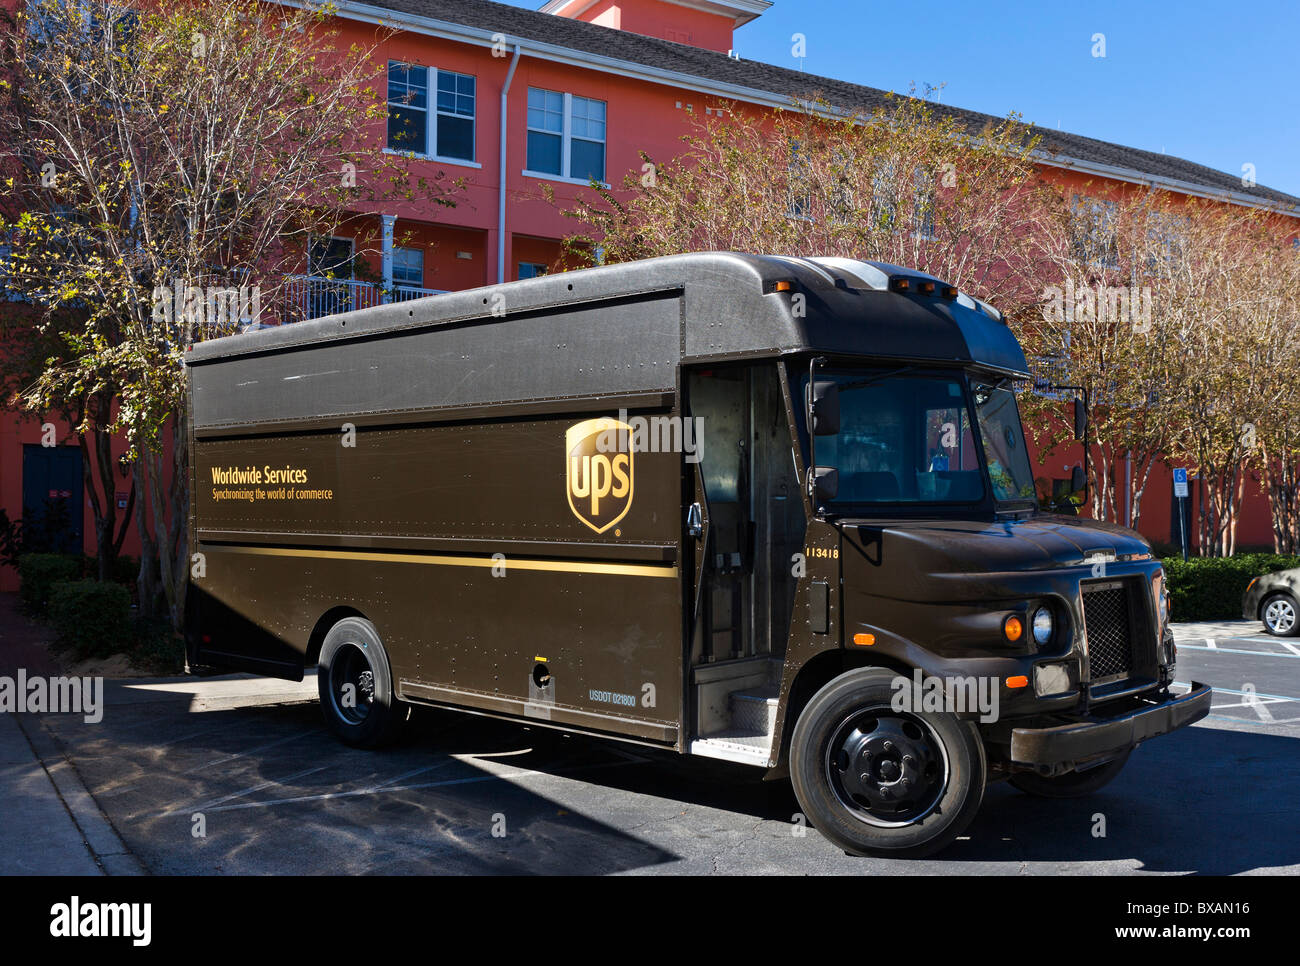 Consegna UPS carrello, celebrazione, Florida, Stati Uniti d'America Immagini Stock